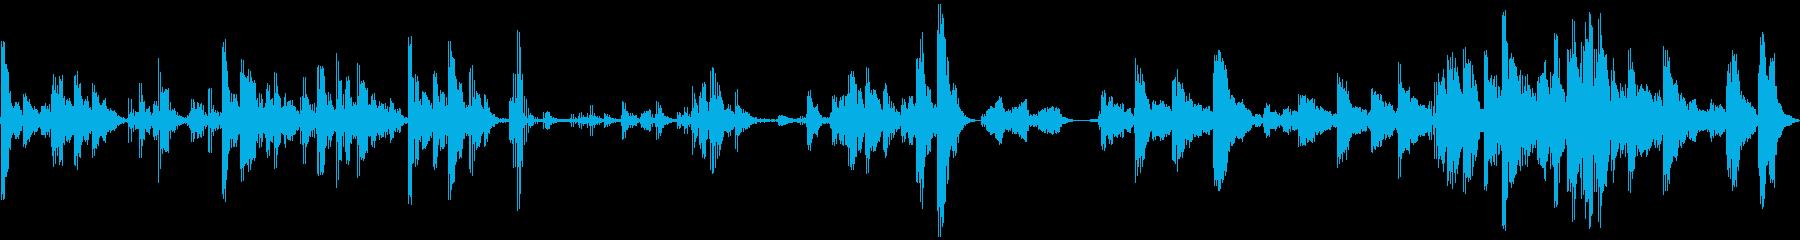 エイリアンエコートーン、悪魔と超絶...の再生済みの波形